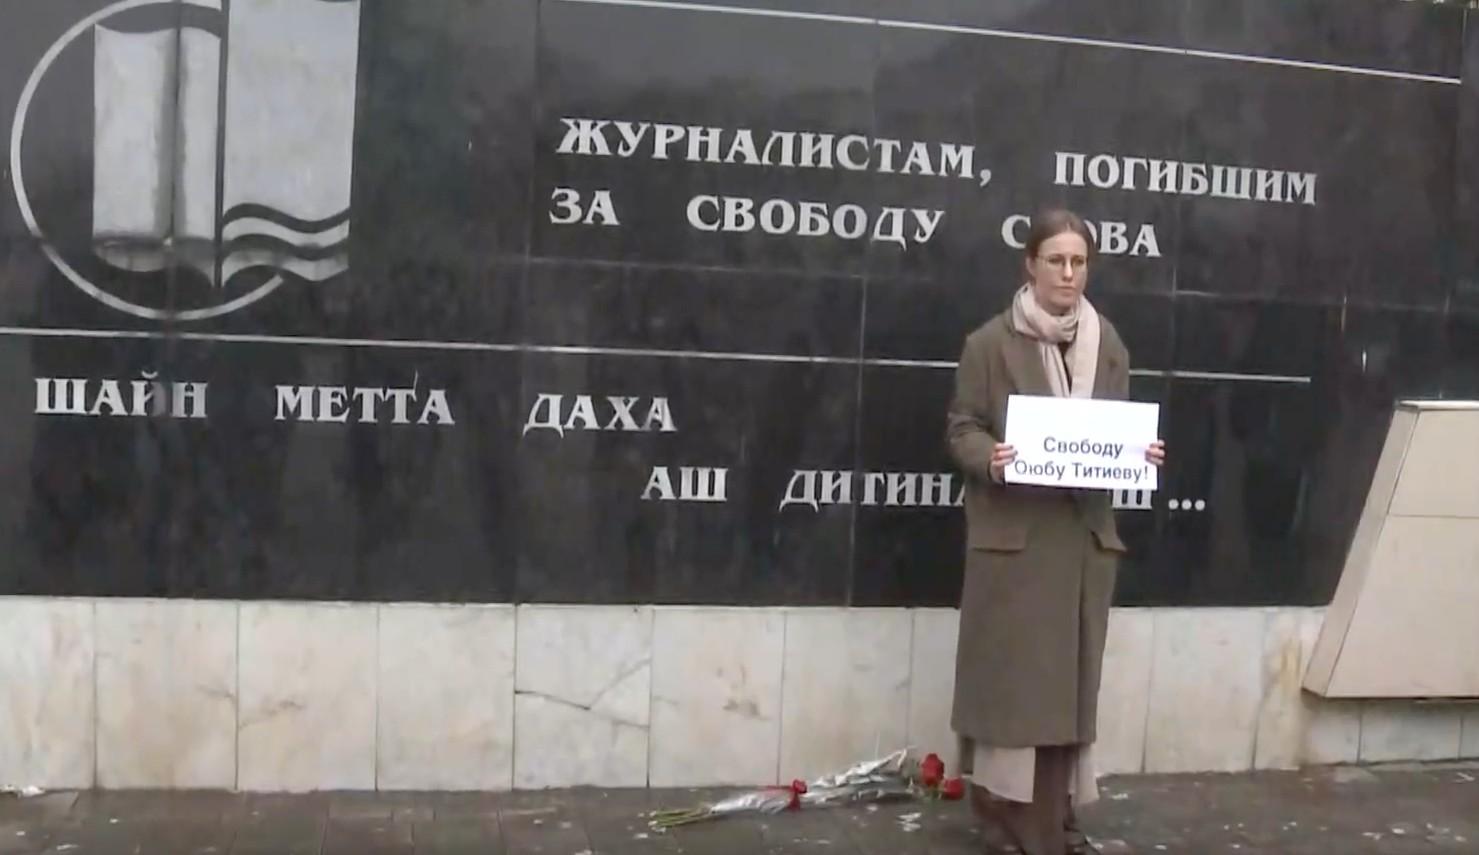 https://dailystorm.ru/media/images/2018/01/28/20f3d2c6-eee8-4a59-8048-09f4c1653c7e.jpg